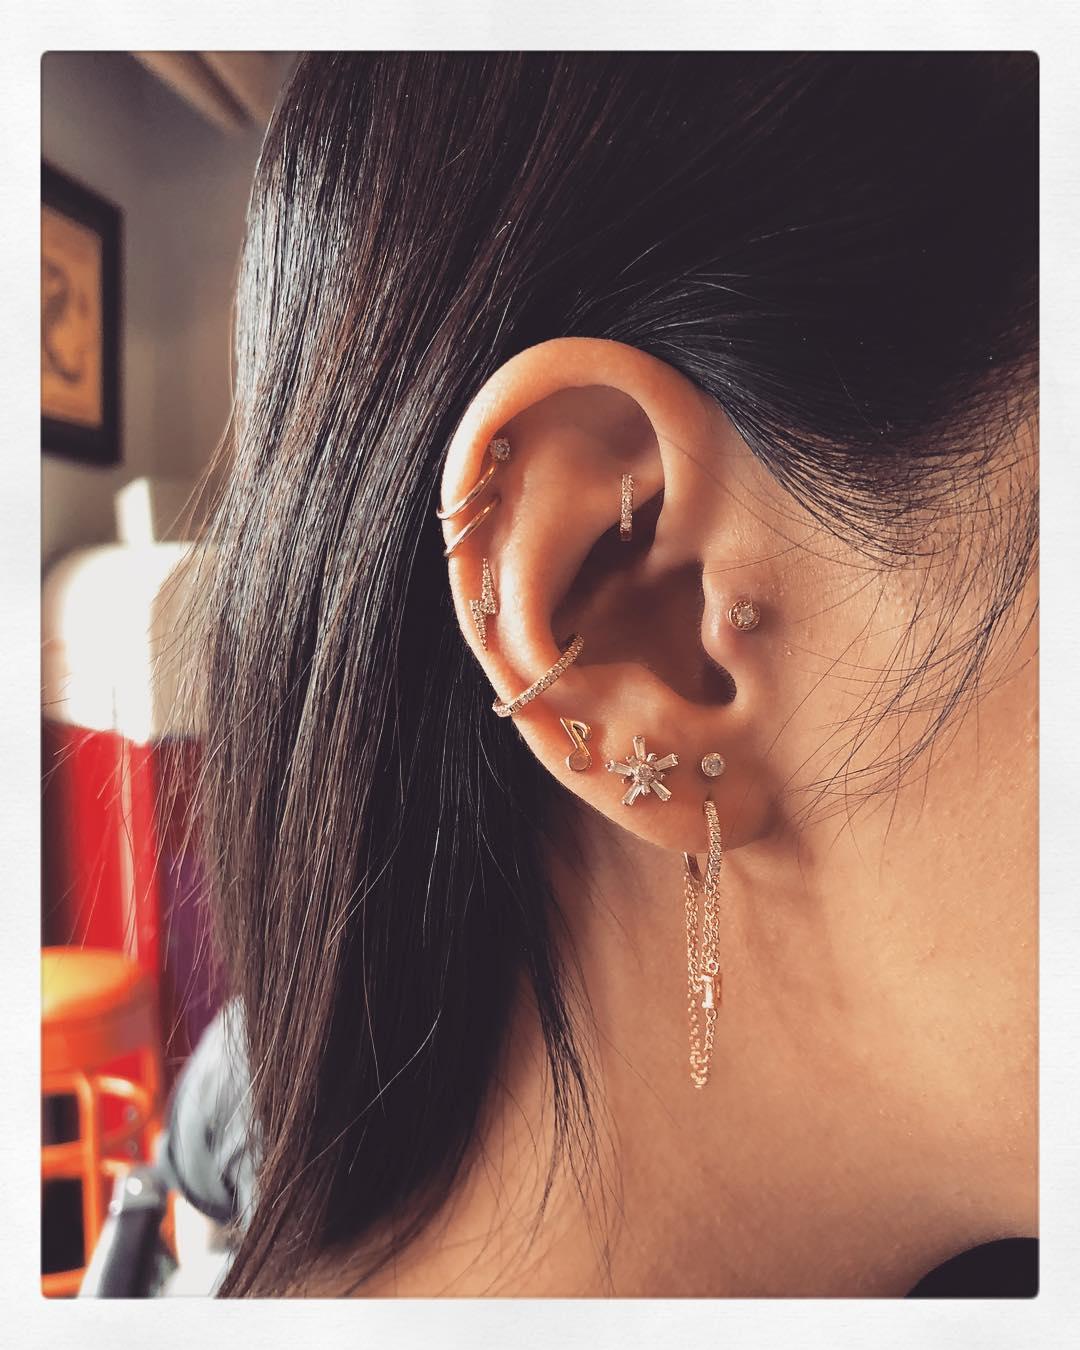 Piercings na orelha criativos